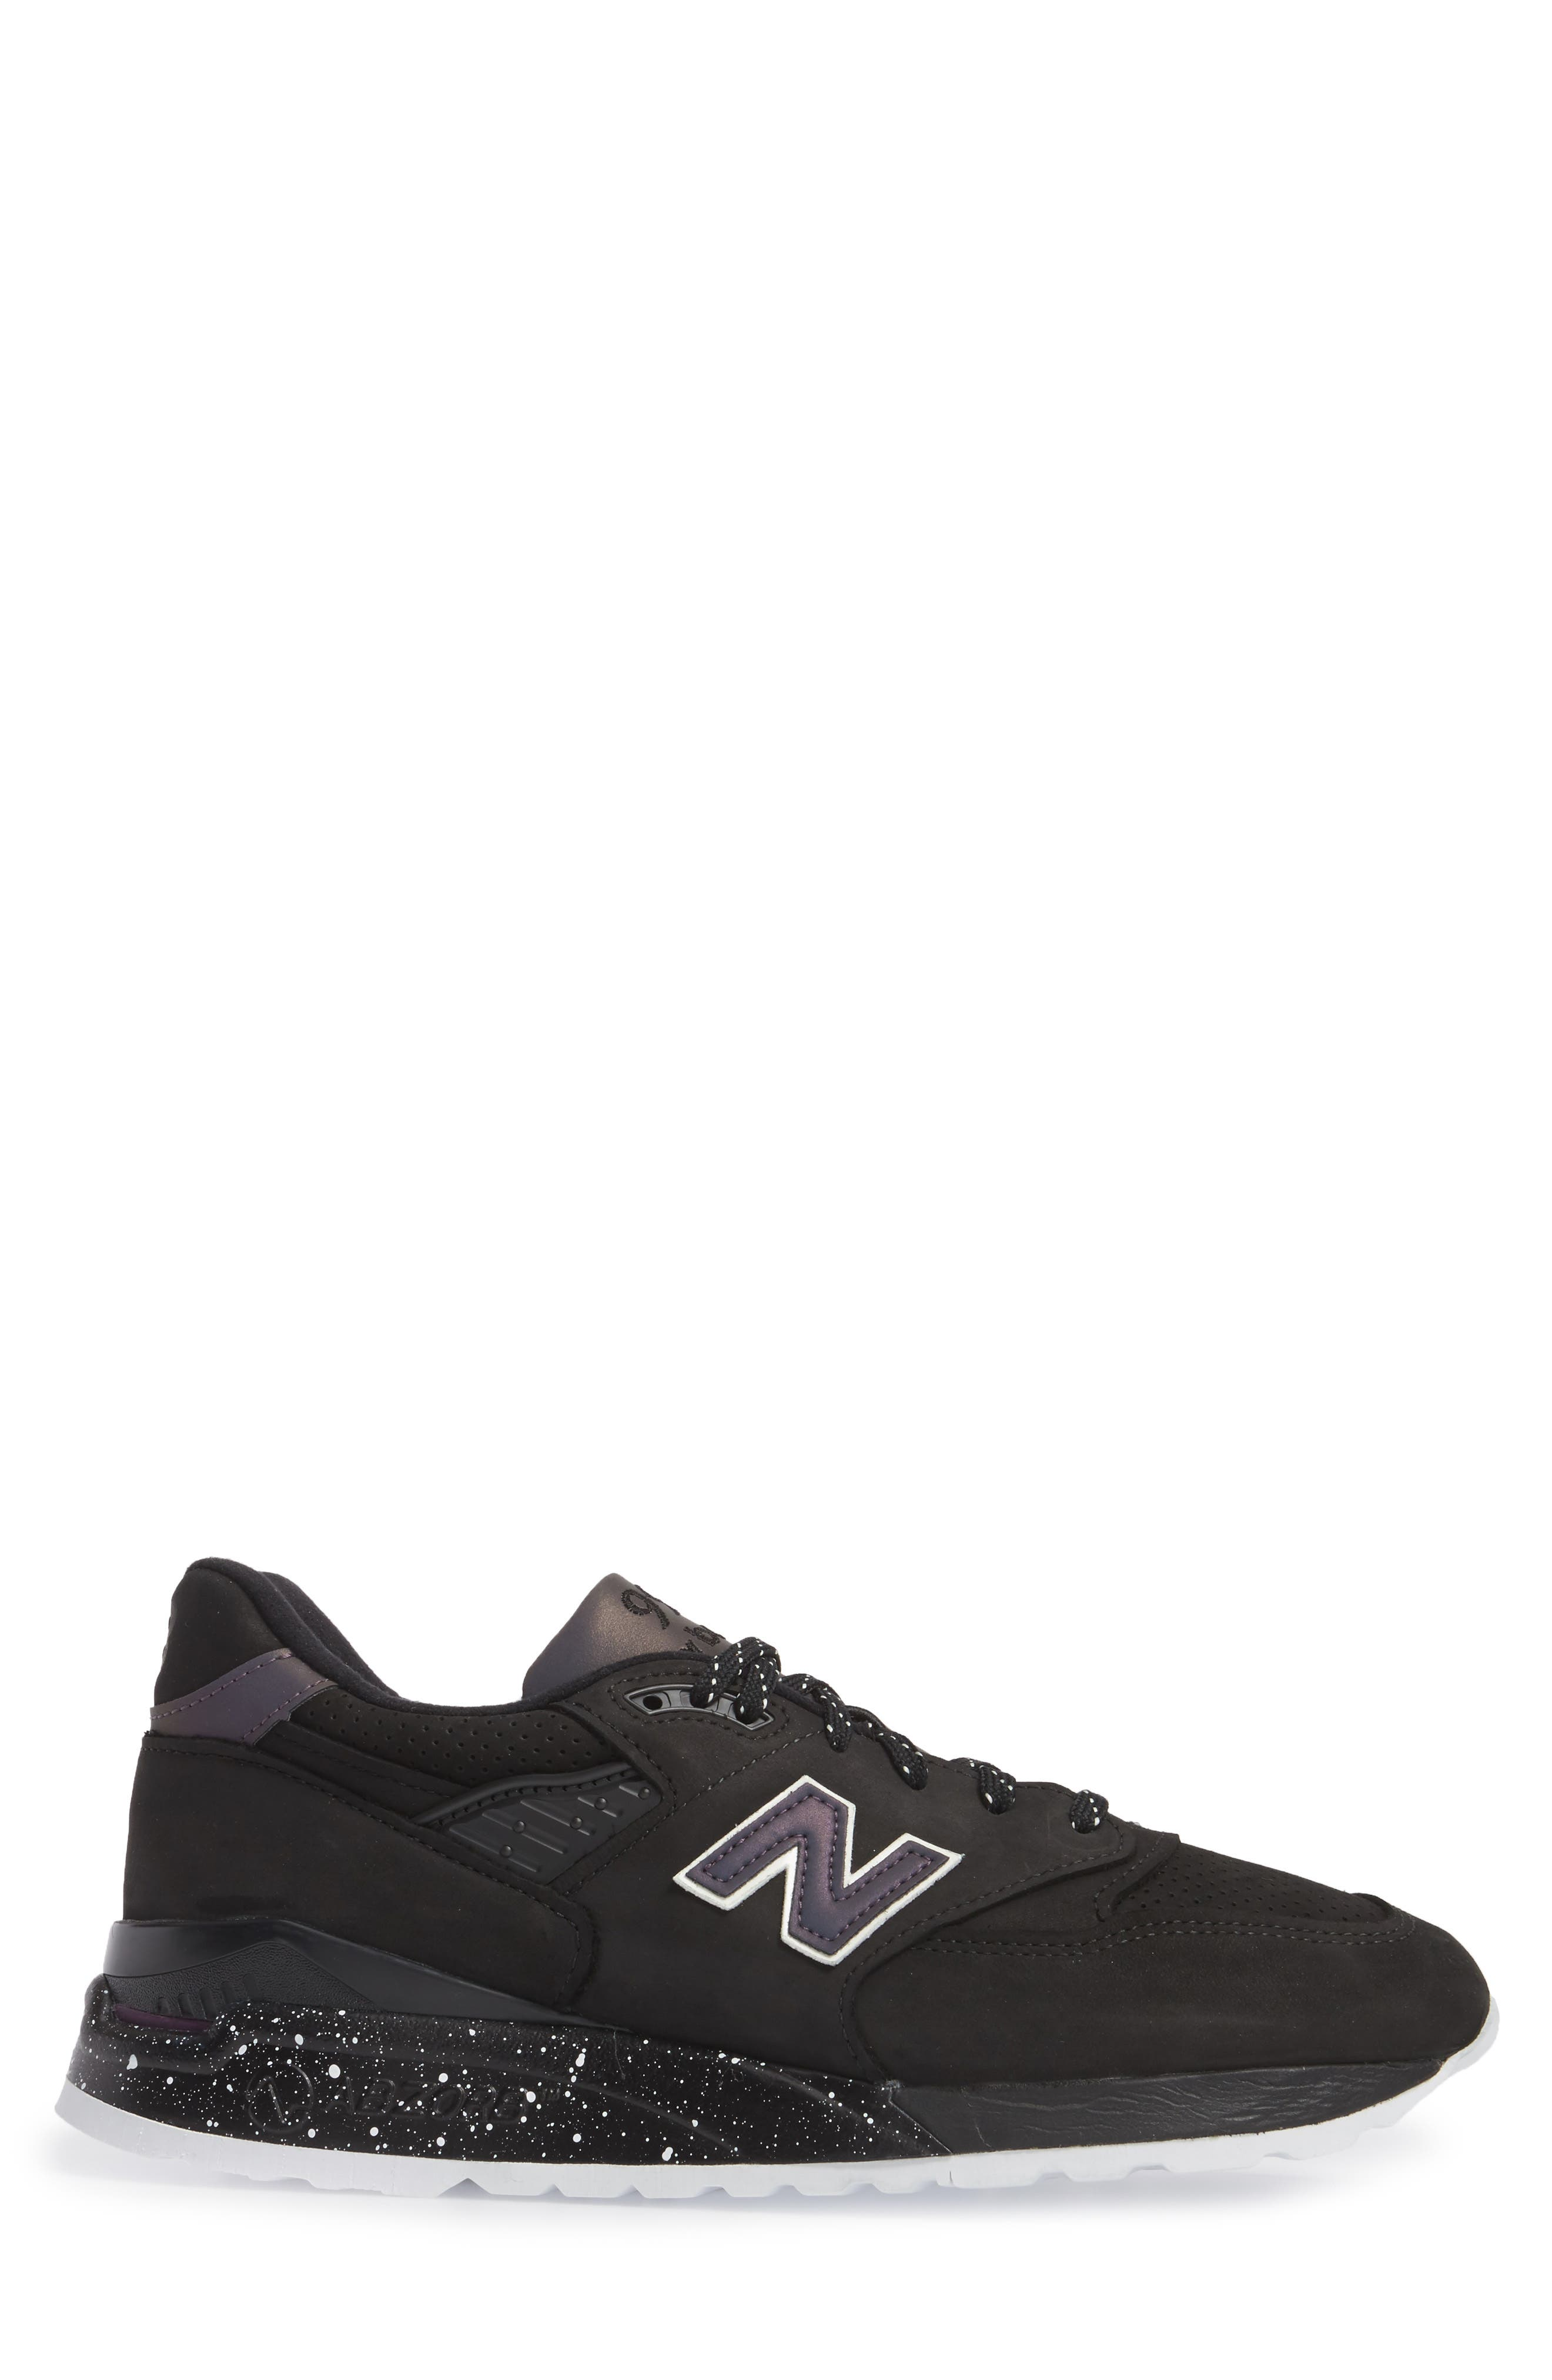 Alternate Image 3  - New Balance 998 Sneaker (Men)